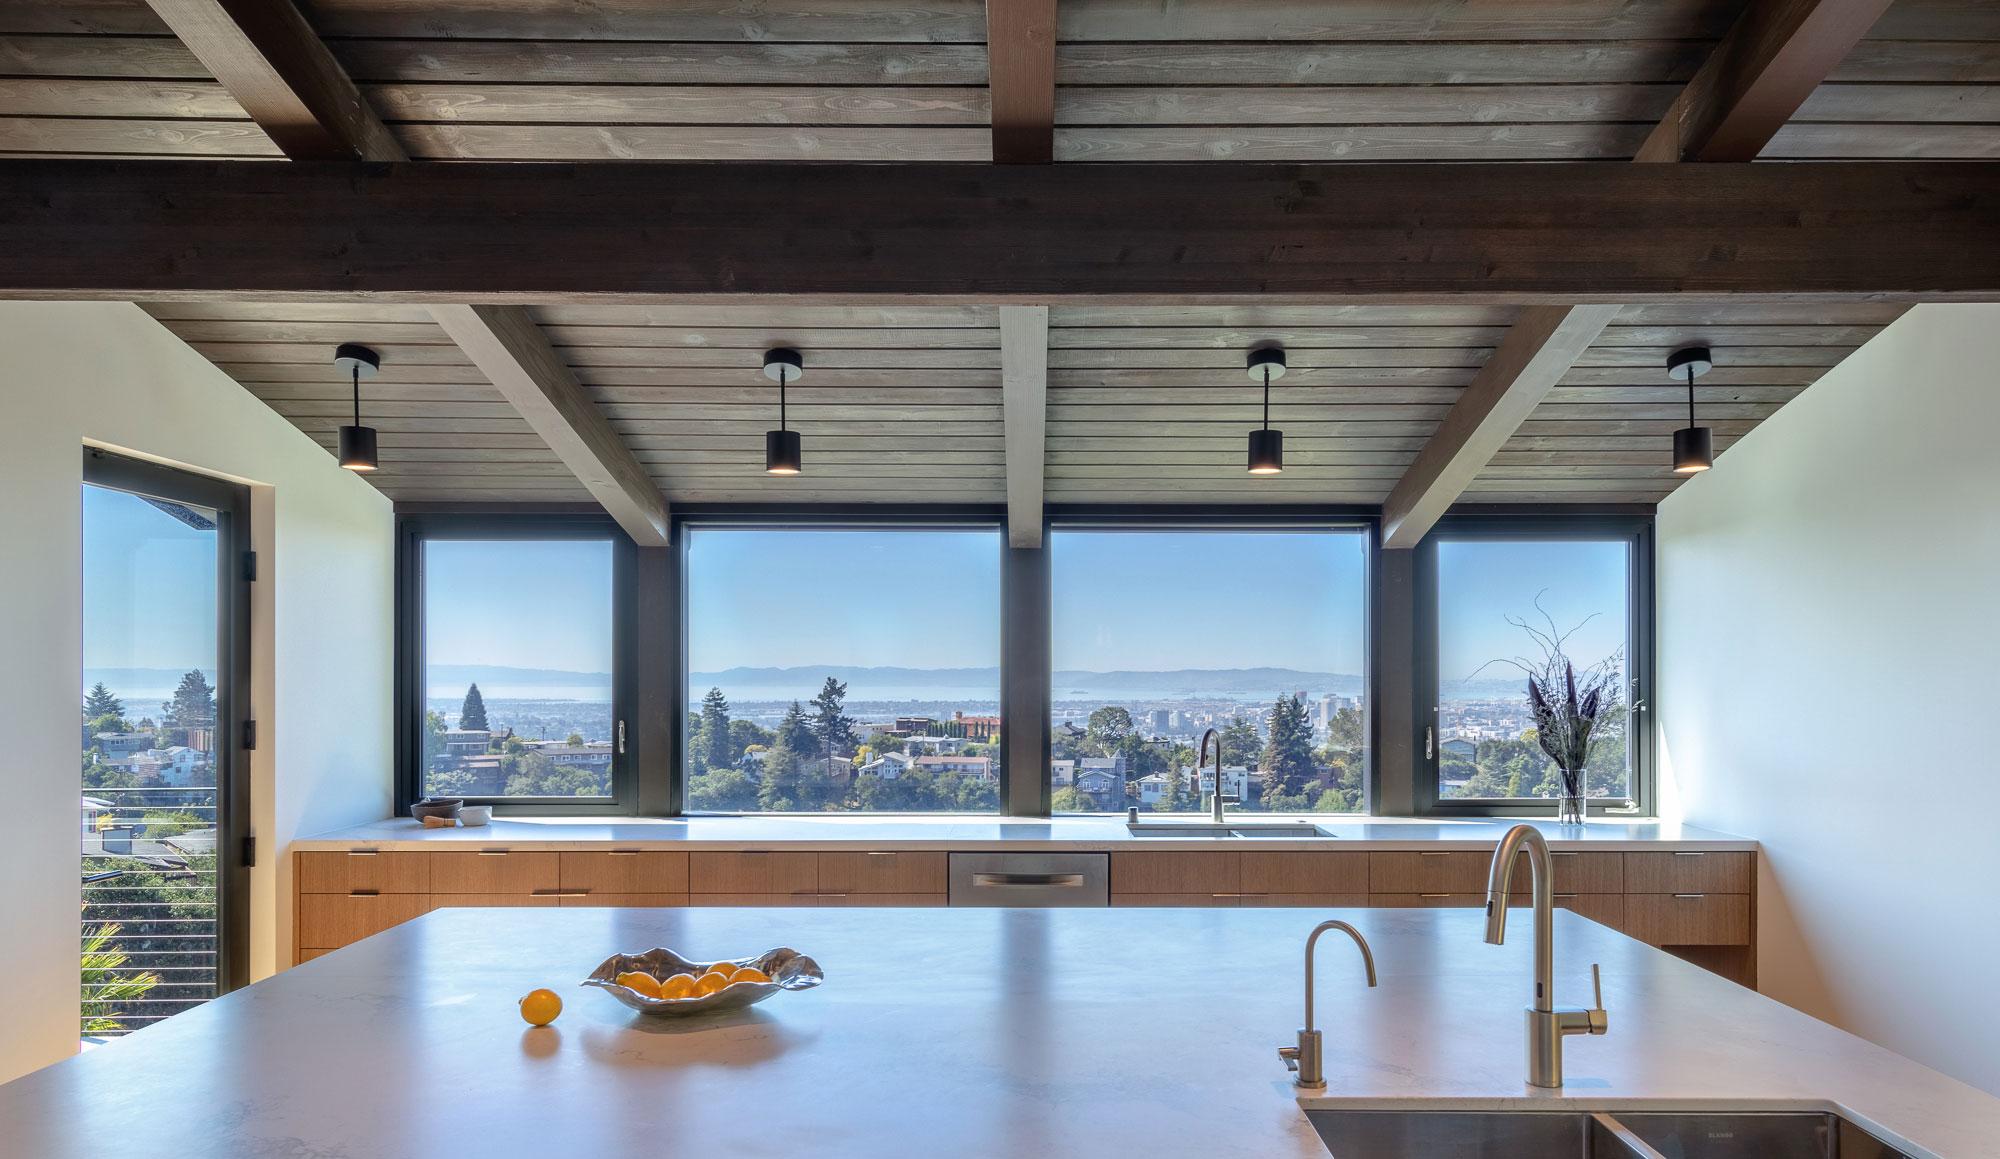 Piedmont HIllside Kitchen with View Buestad Construction